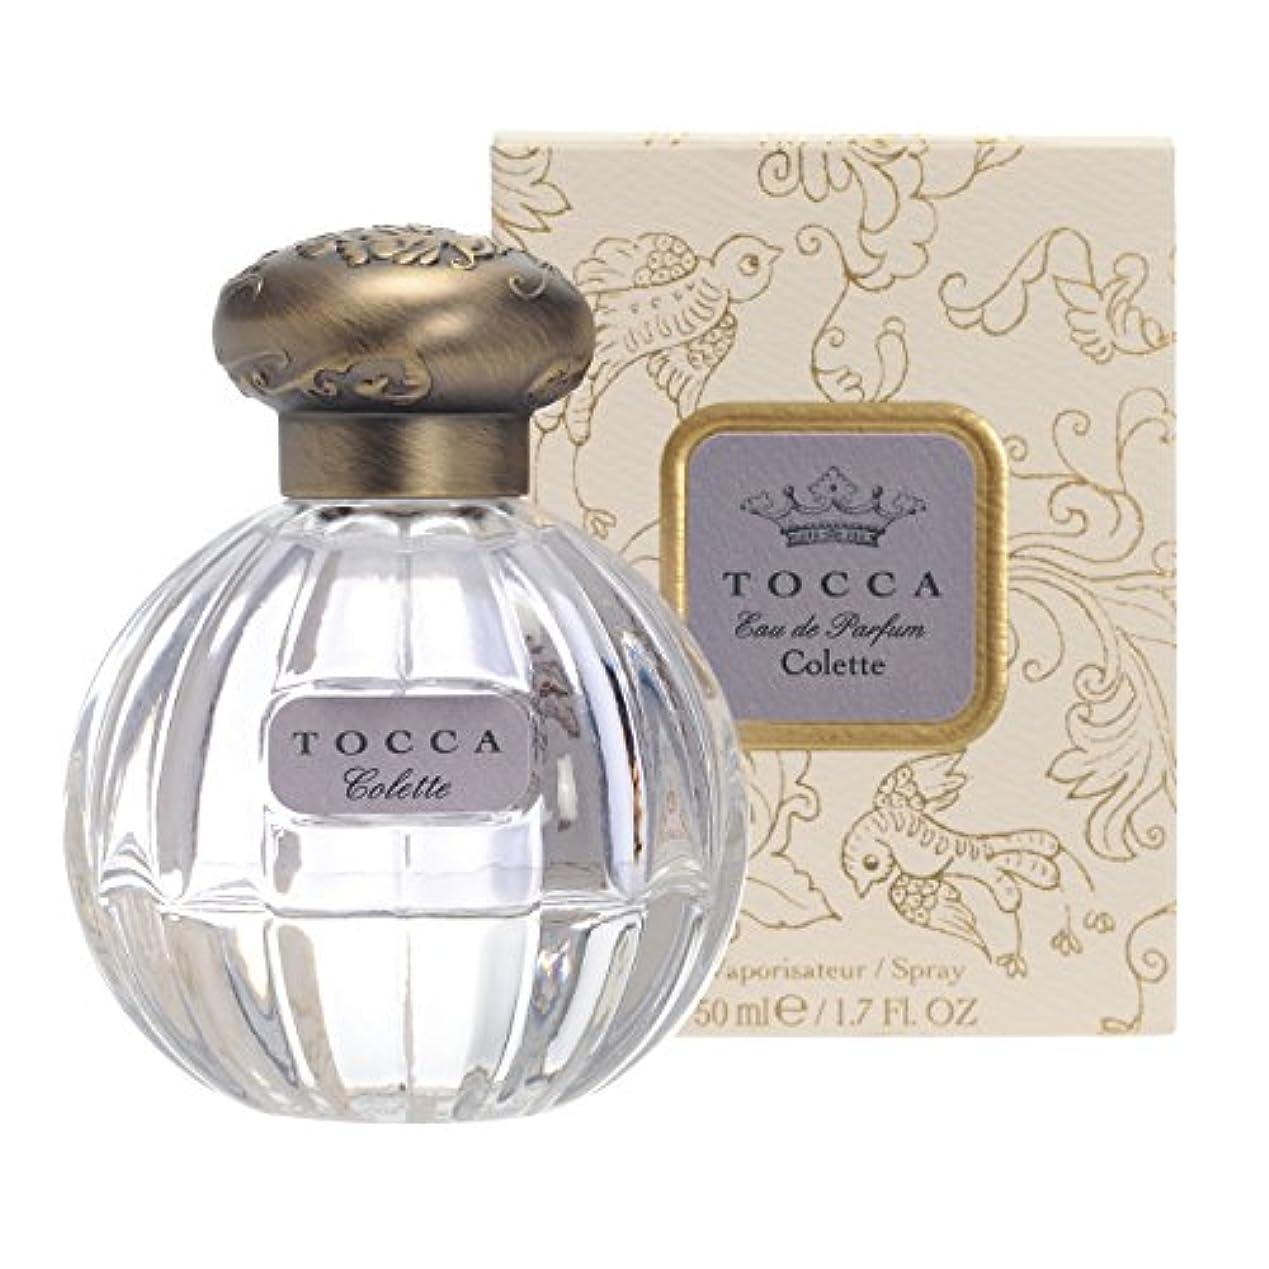 六まあ劇場トッカ(TOCCA) オードパルファム コレットの香り 50ml(香水 ベルガモットとジュニパーが絡み合う甘くスパイシーな香り)